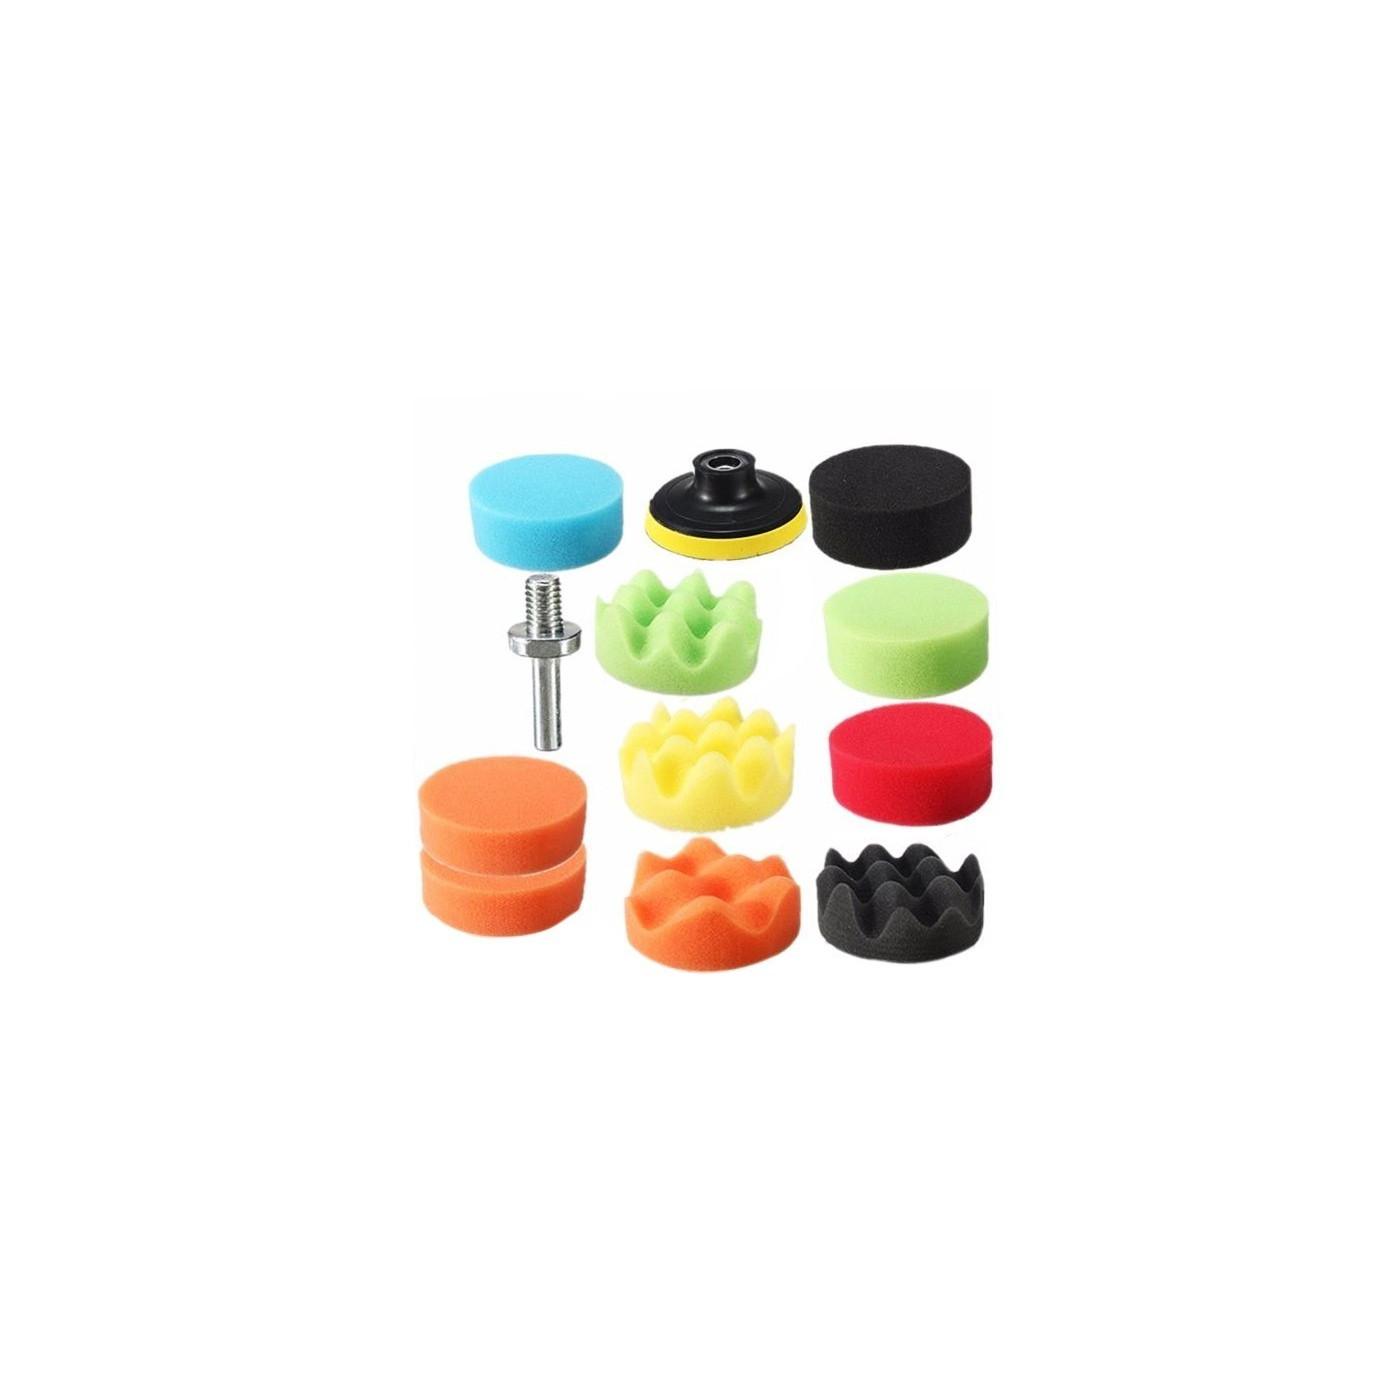 Set de polissage (éponges) avec adaptateur m10